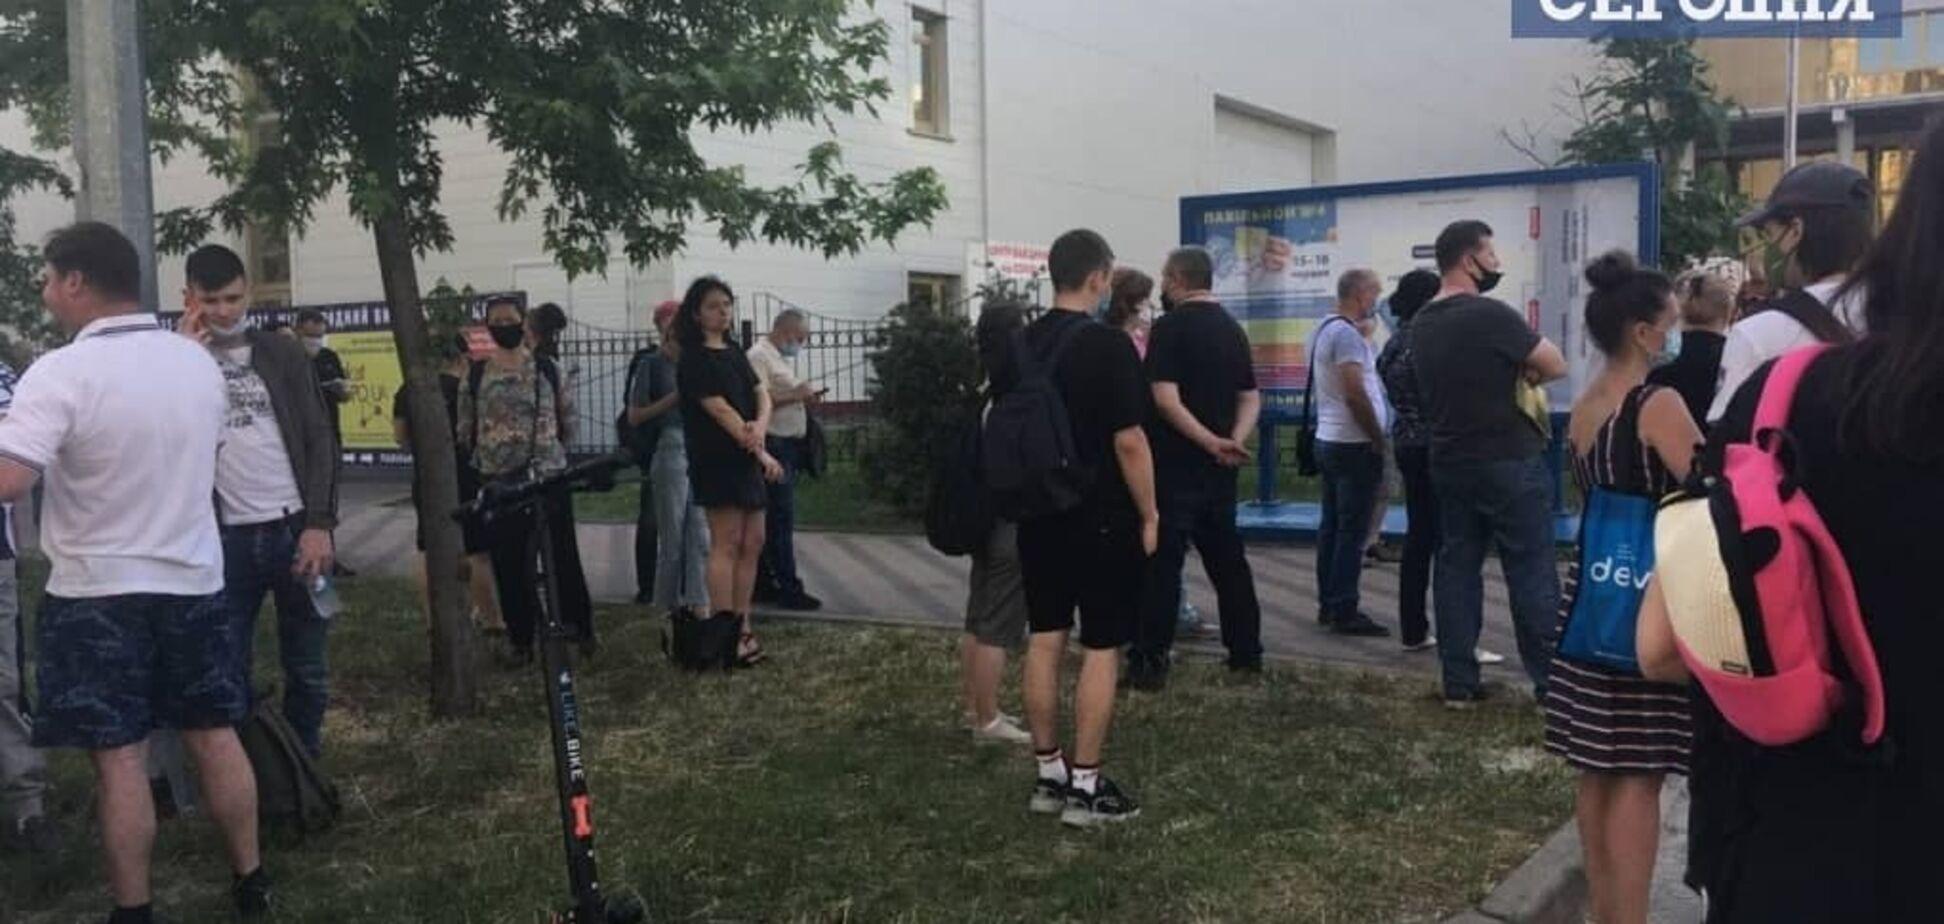 У Києві Центр вакцинації від COVID-19 почав працювати в будні дні: на щеплення вишикувалися черги. Фото